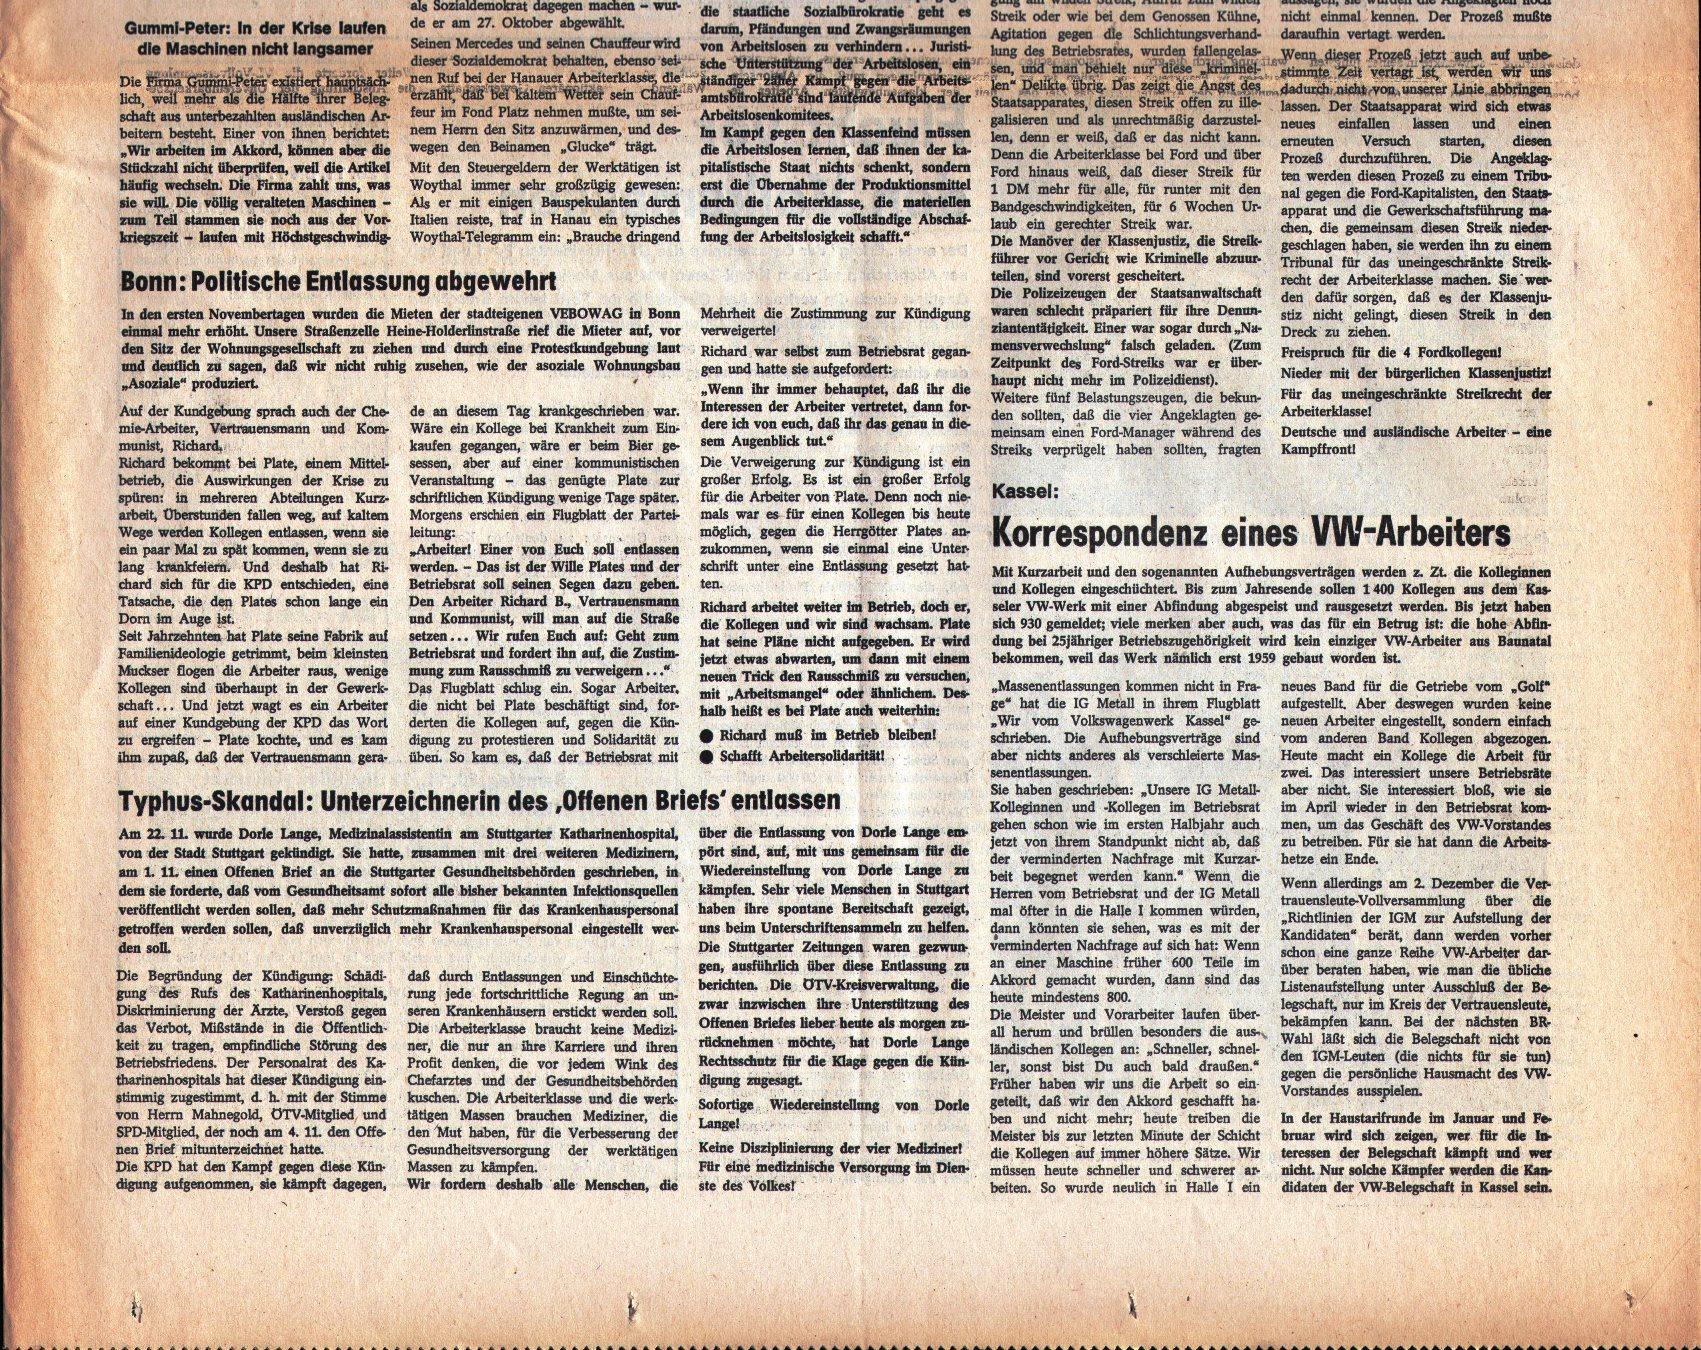 KPD_Rote_Fahne_1974_48_10